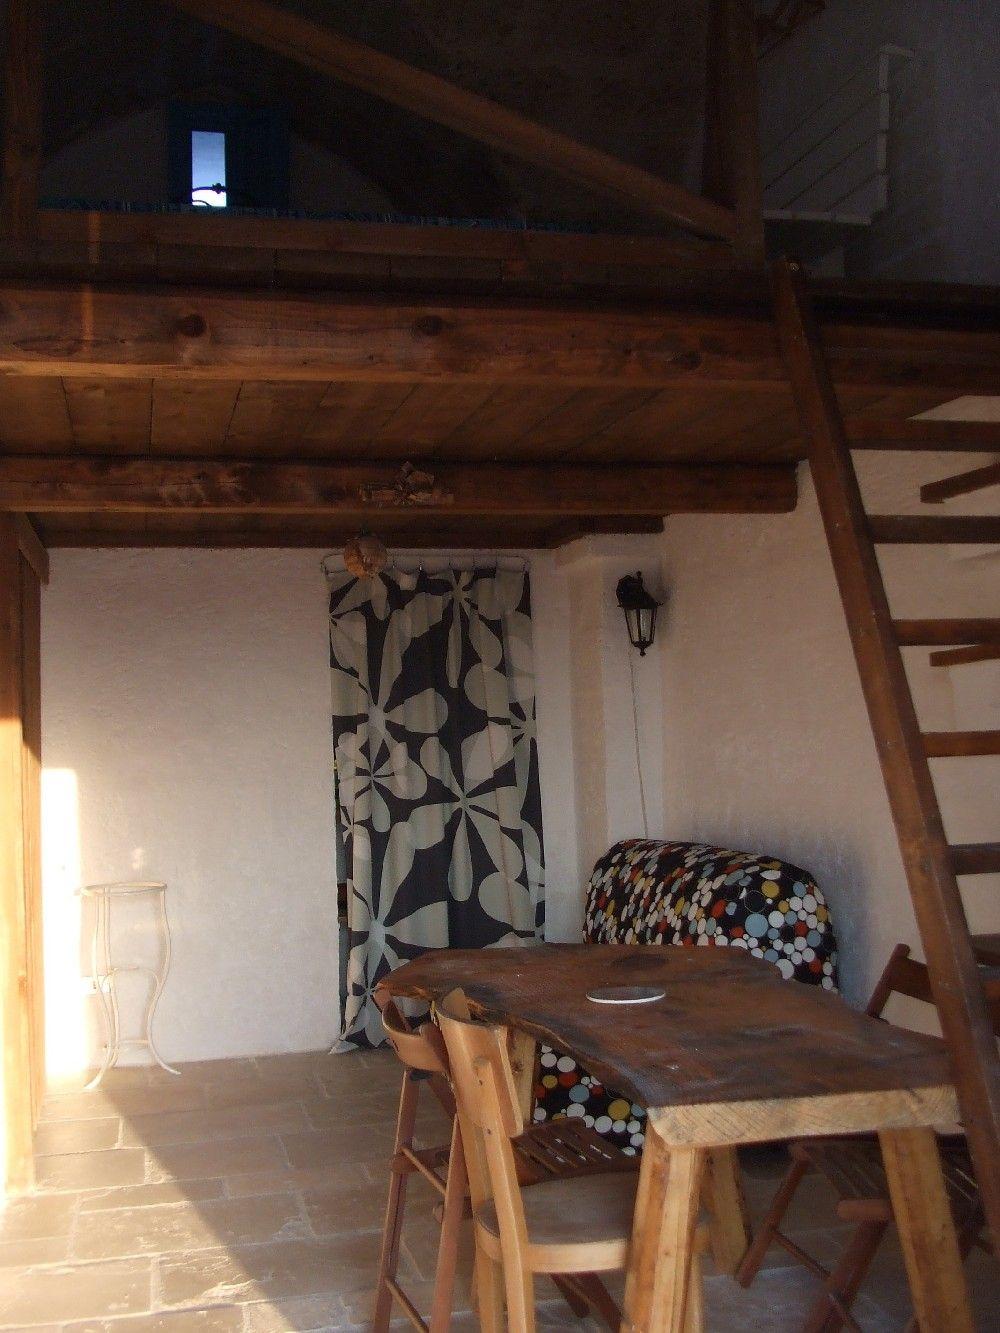 Masseria - Ostuni - vacanze - alloggio 2 - ingresso